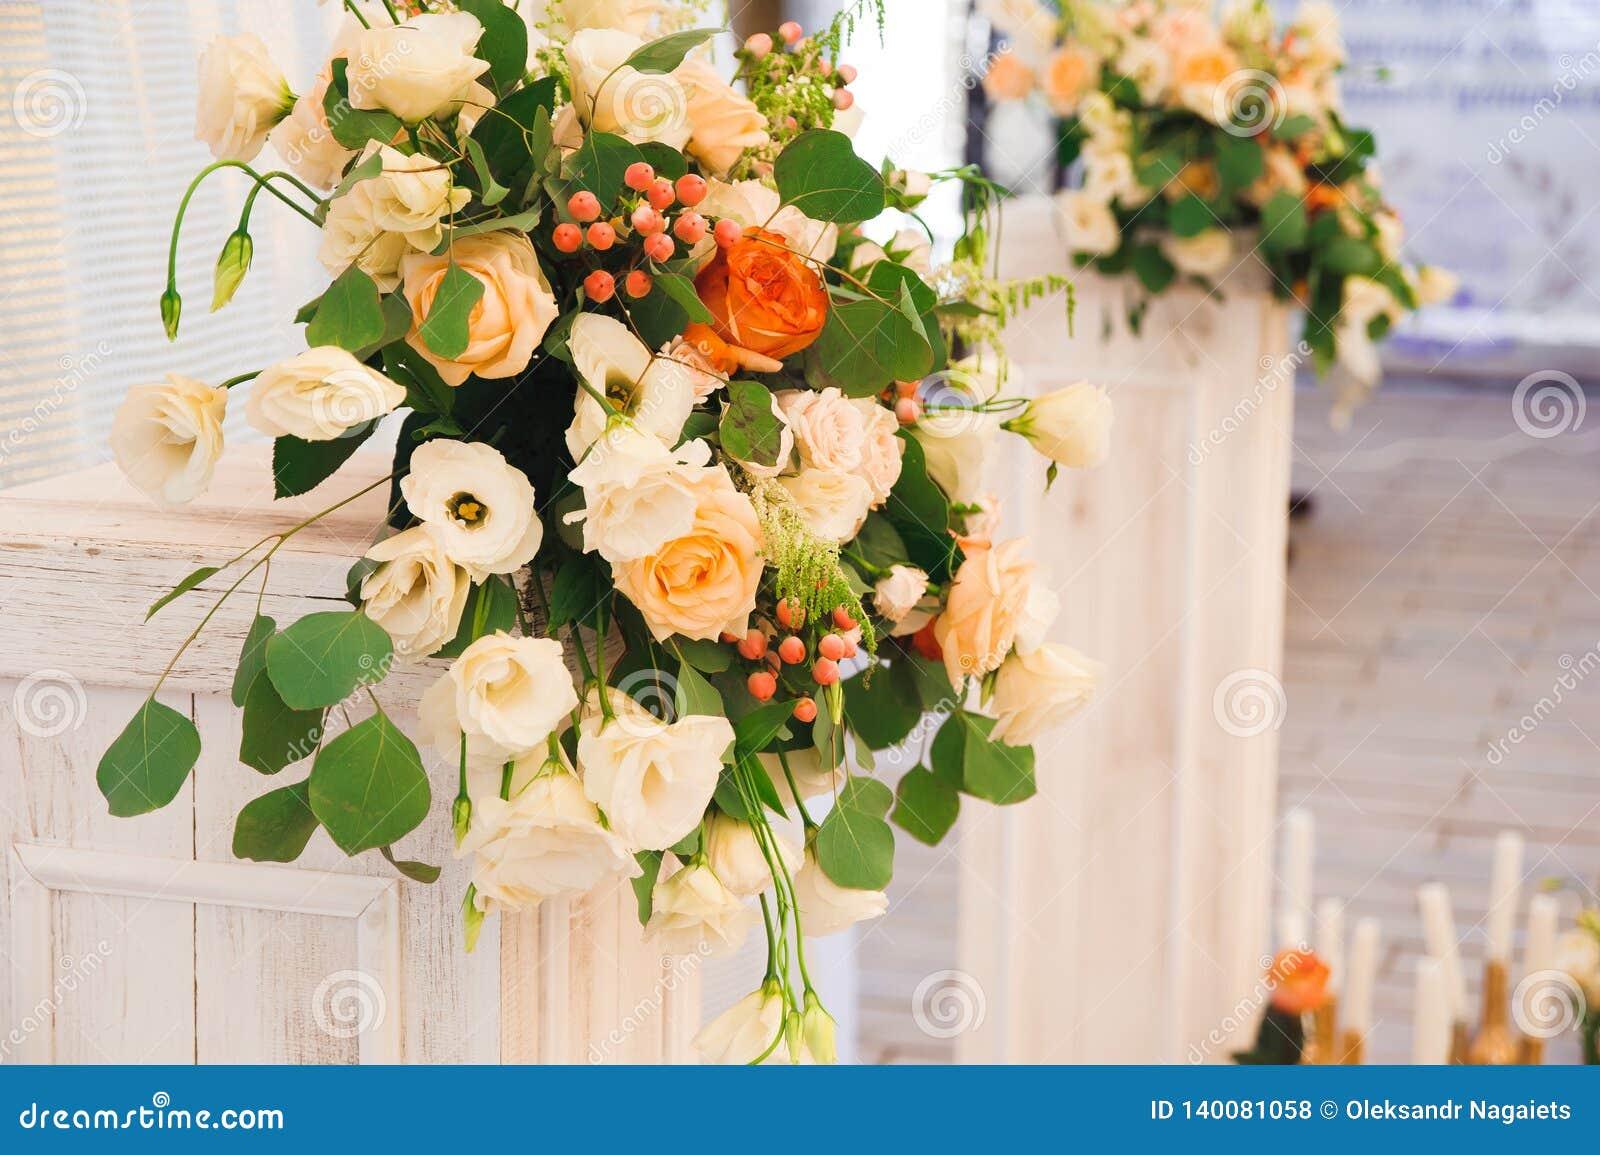 церемония outdoors wedding Украшение свадебной церемонии, красивое оформление свадьбы